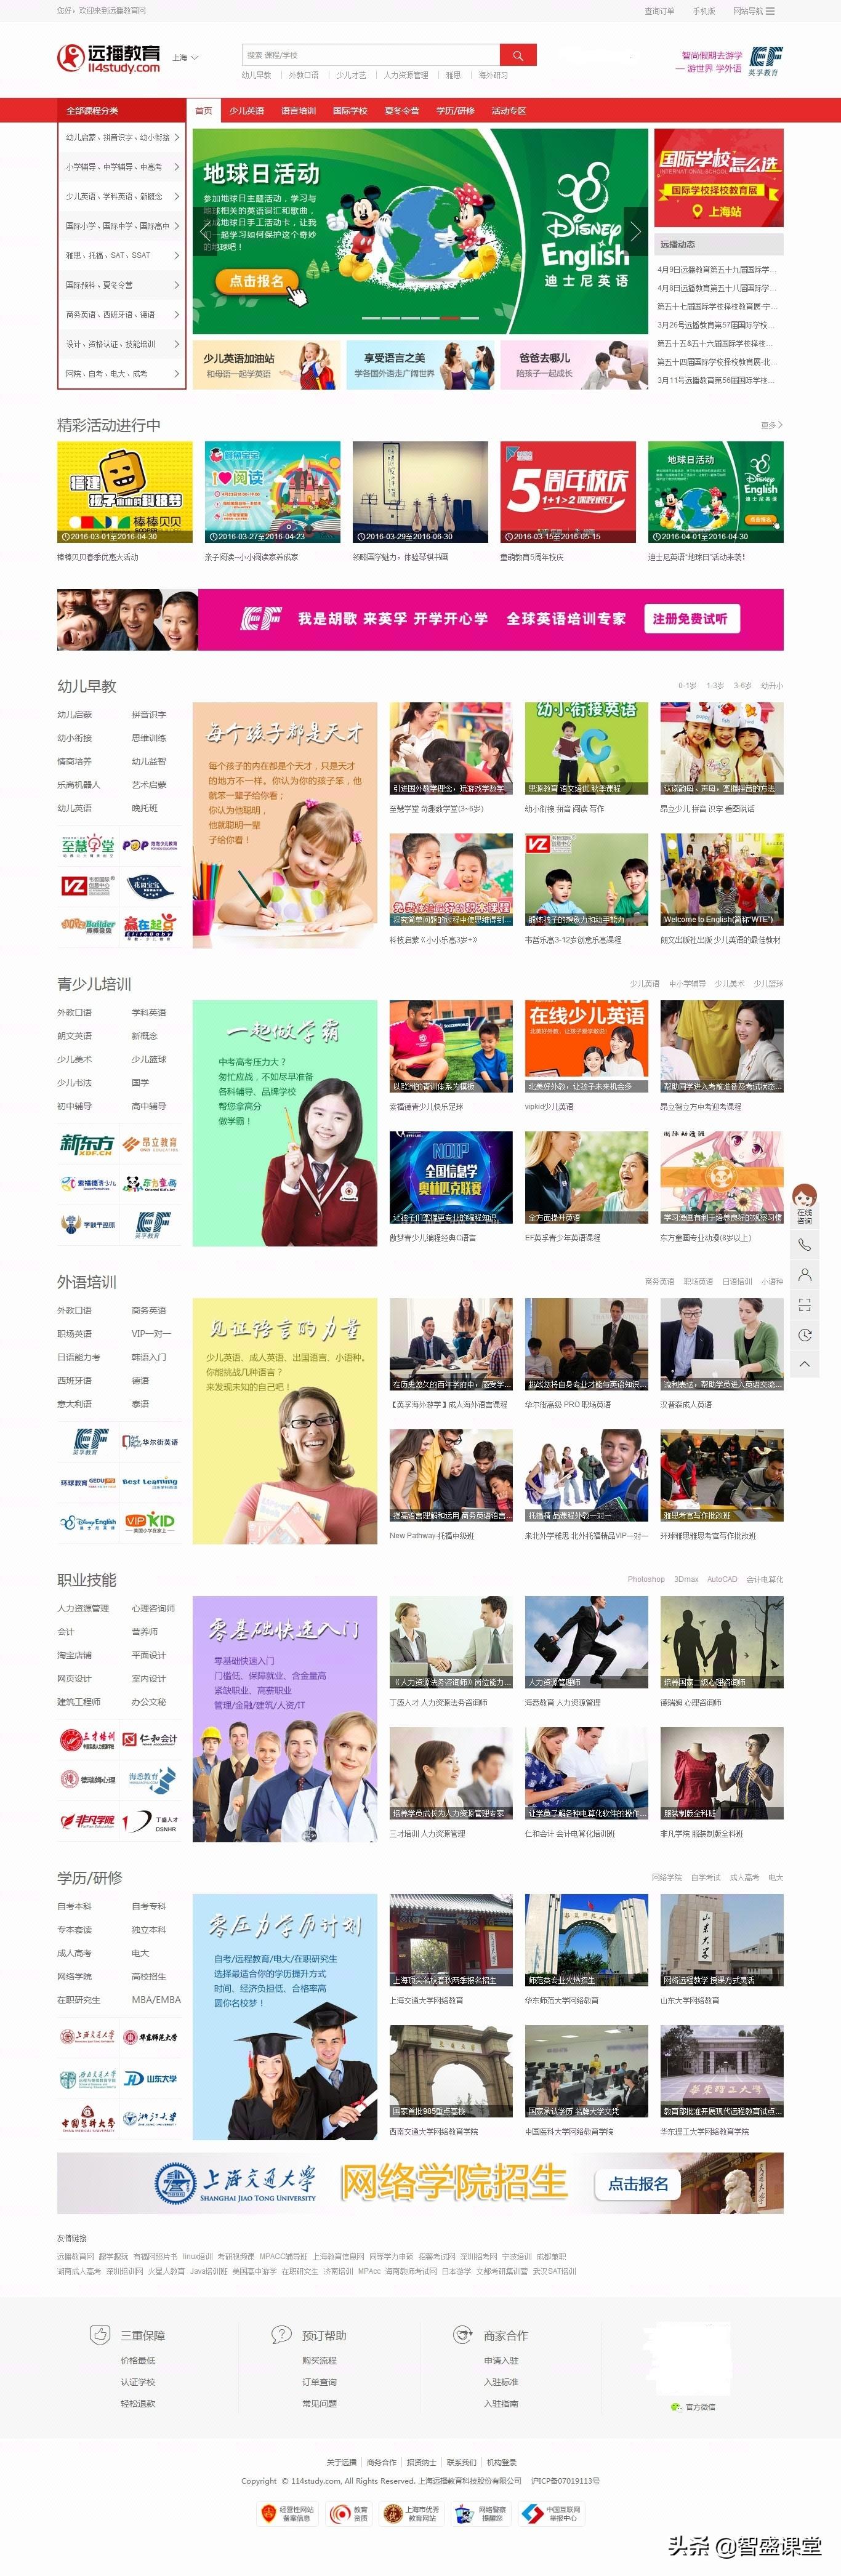 教育网站建设案例-在线教育平台网站